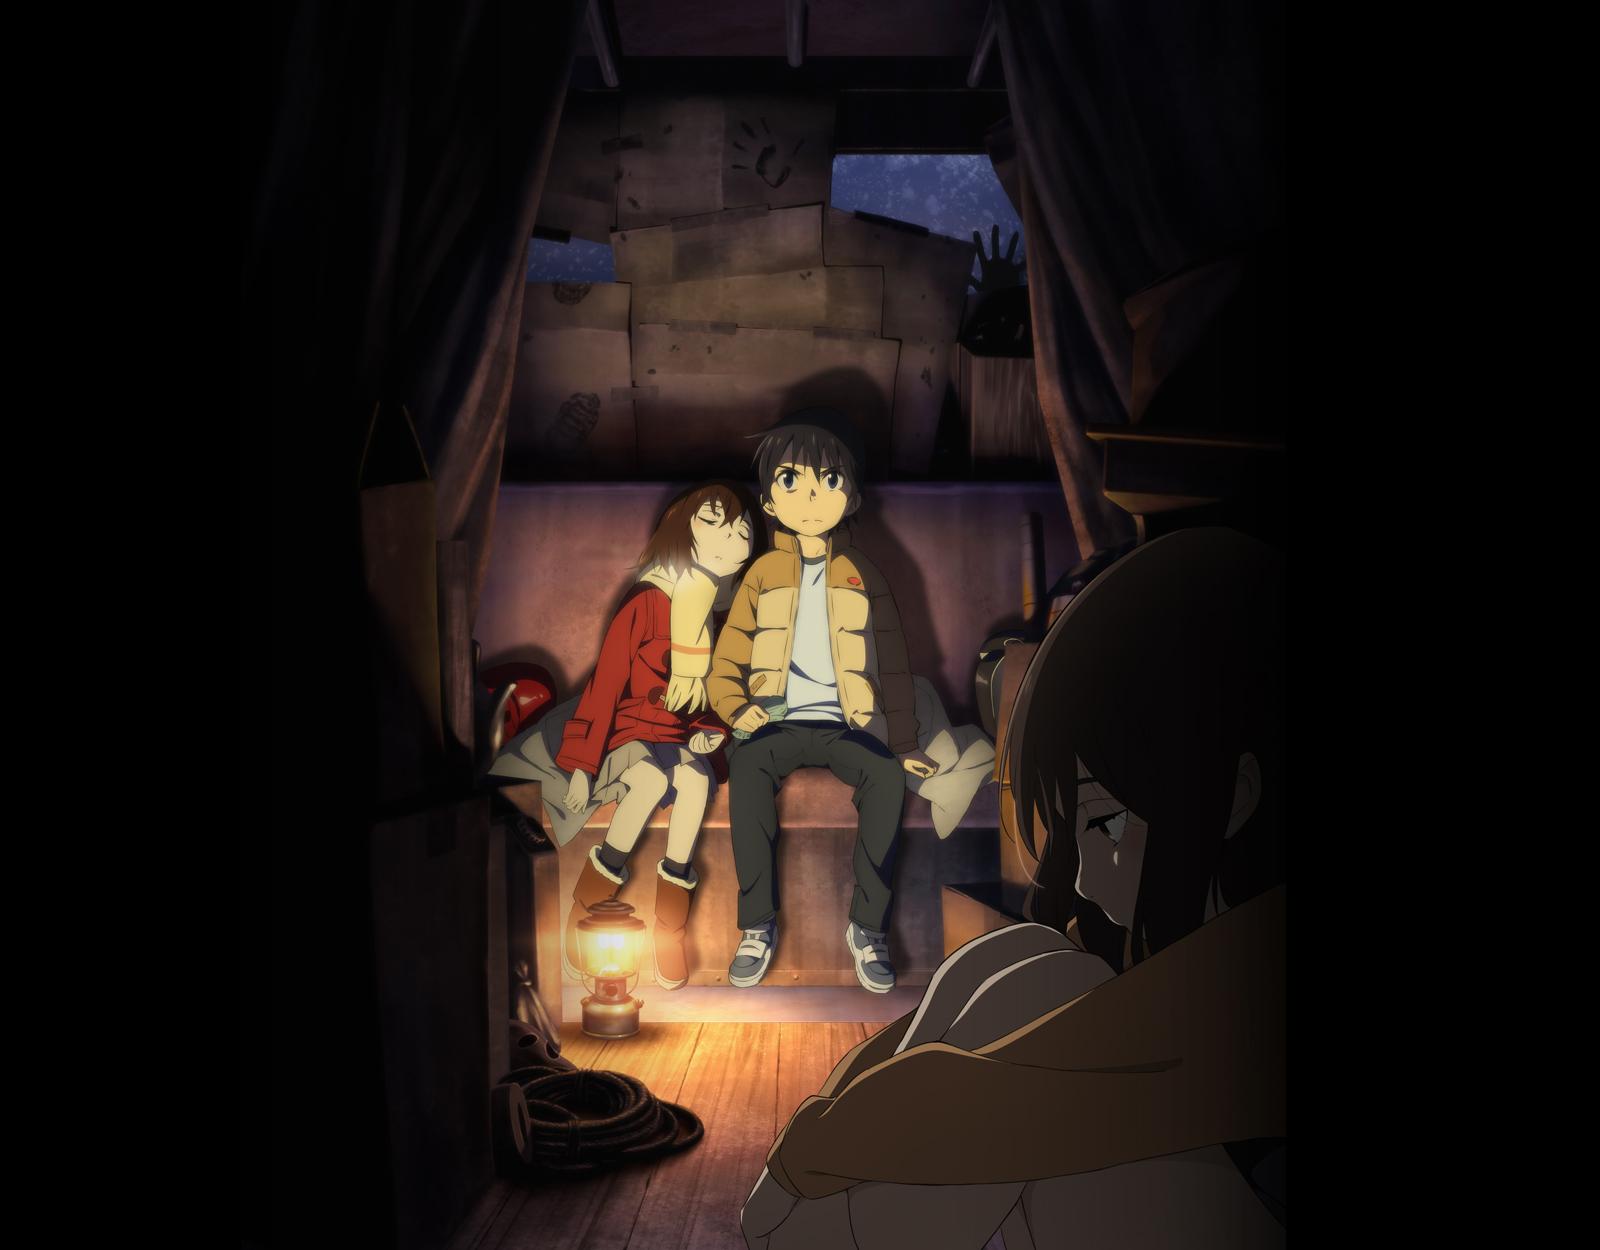 El Final Del Anime De Boku Dake Ga Inai Machi Sera El Mismo Del